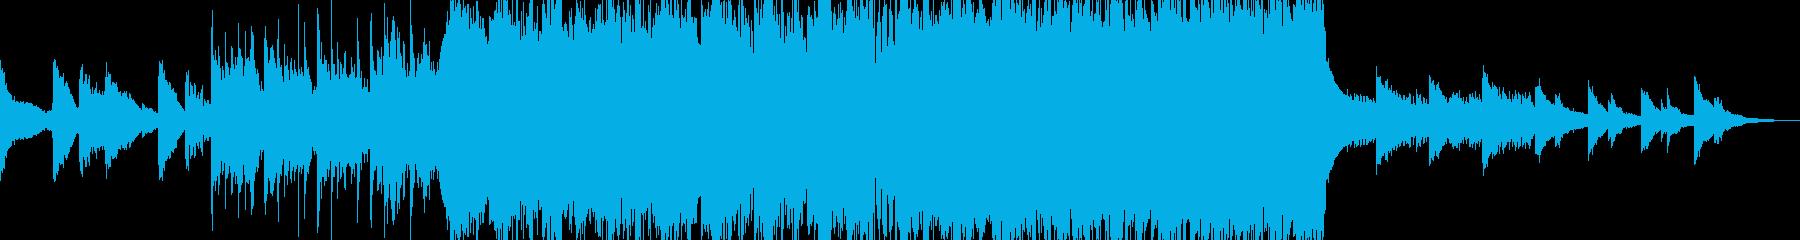 現代的 交響曲 感情的 バラード ...の再生済みの波形